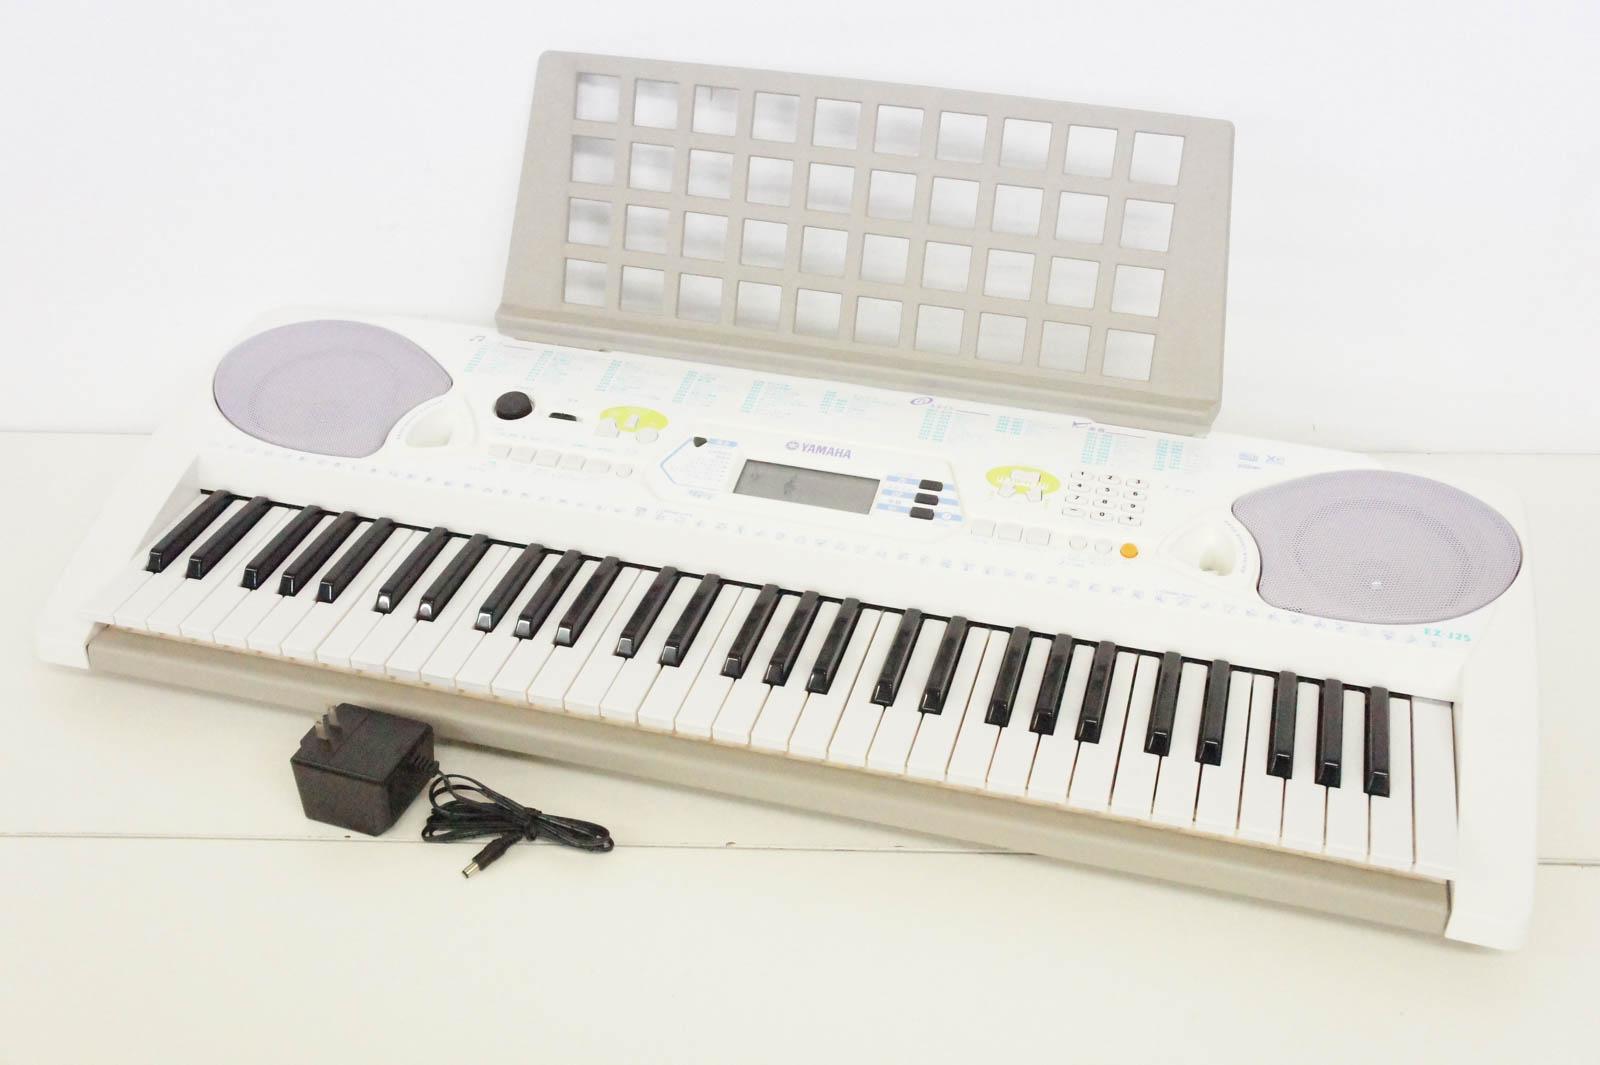 【中古】ヤマハYAMAHA ポータトーンPORTATONE 電子キーボード 61鍵 EZ-J25